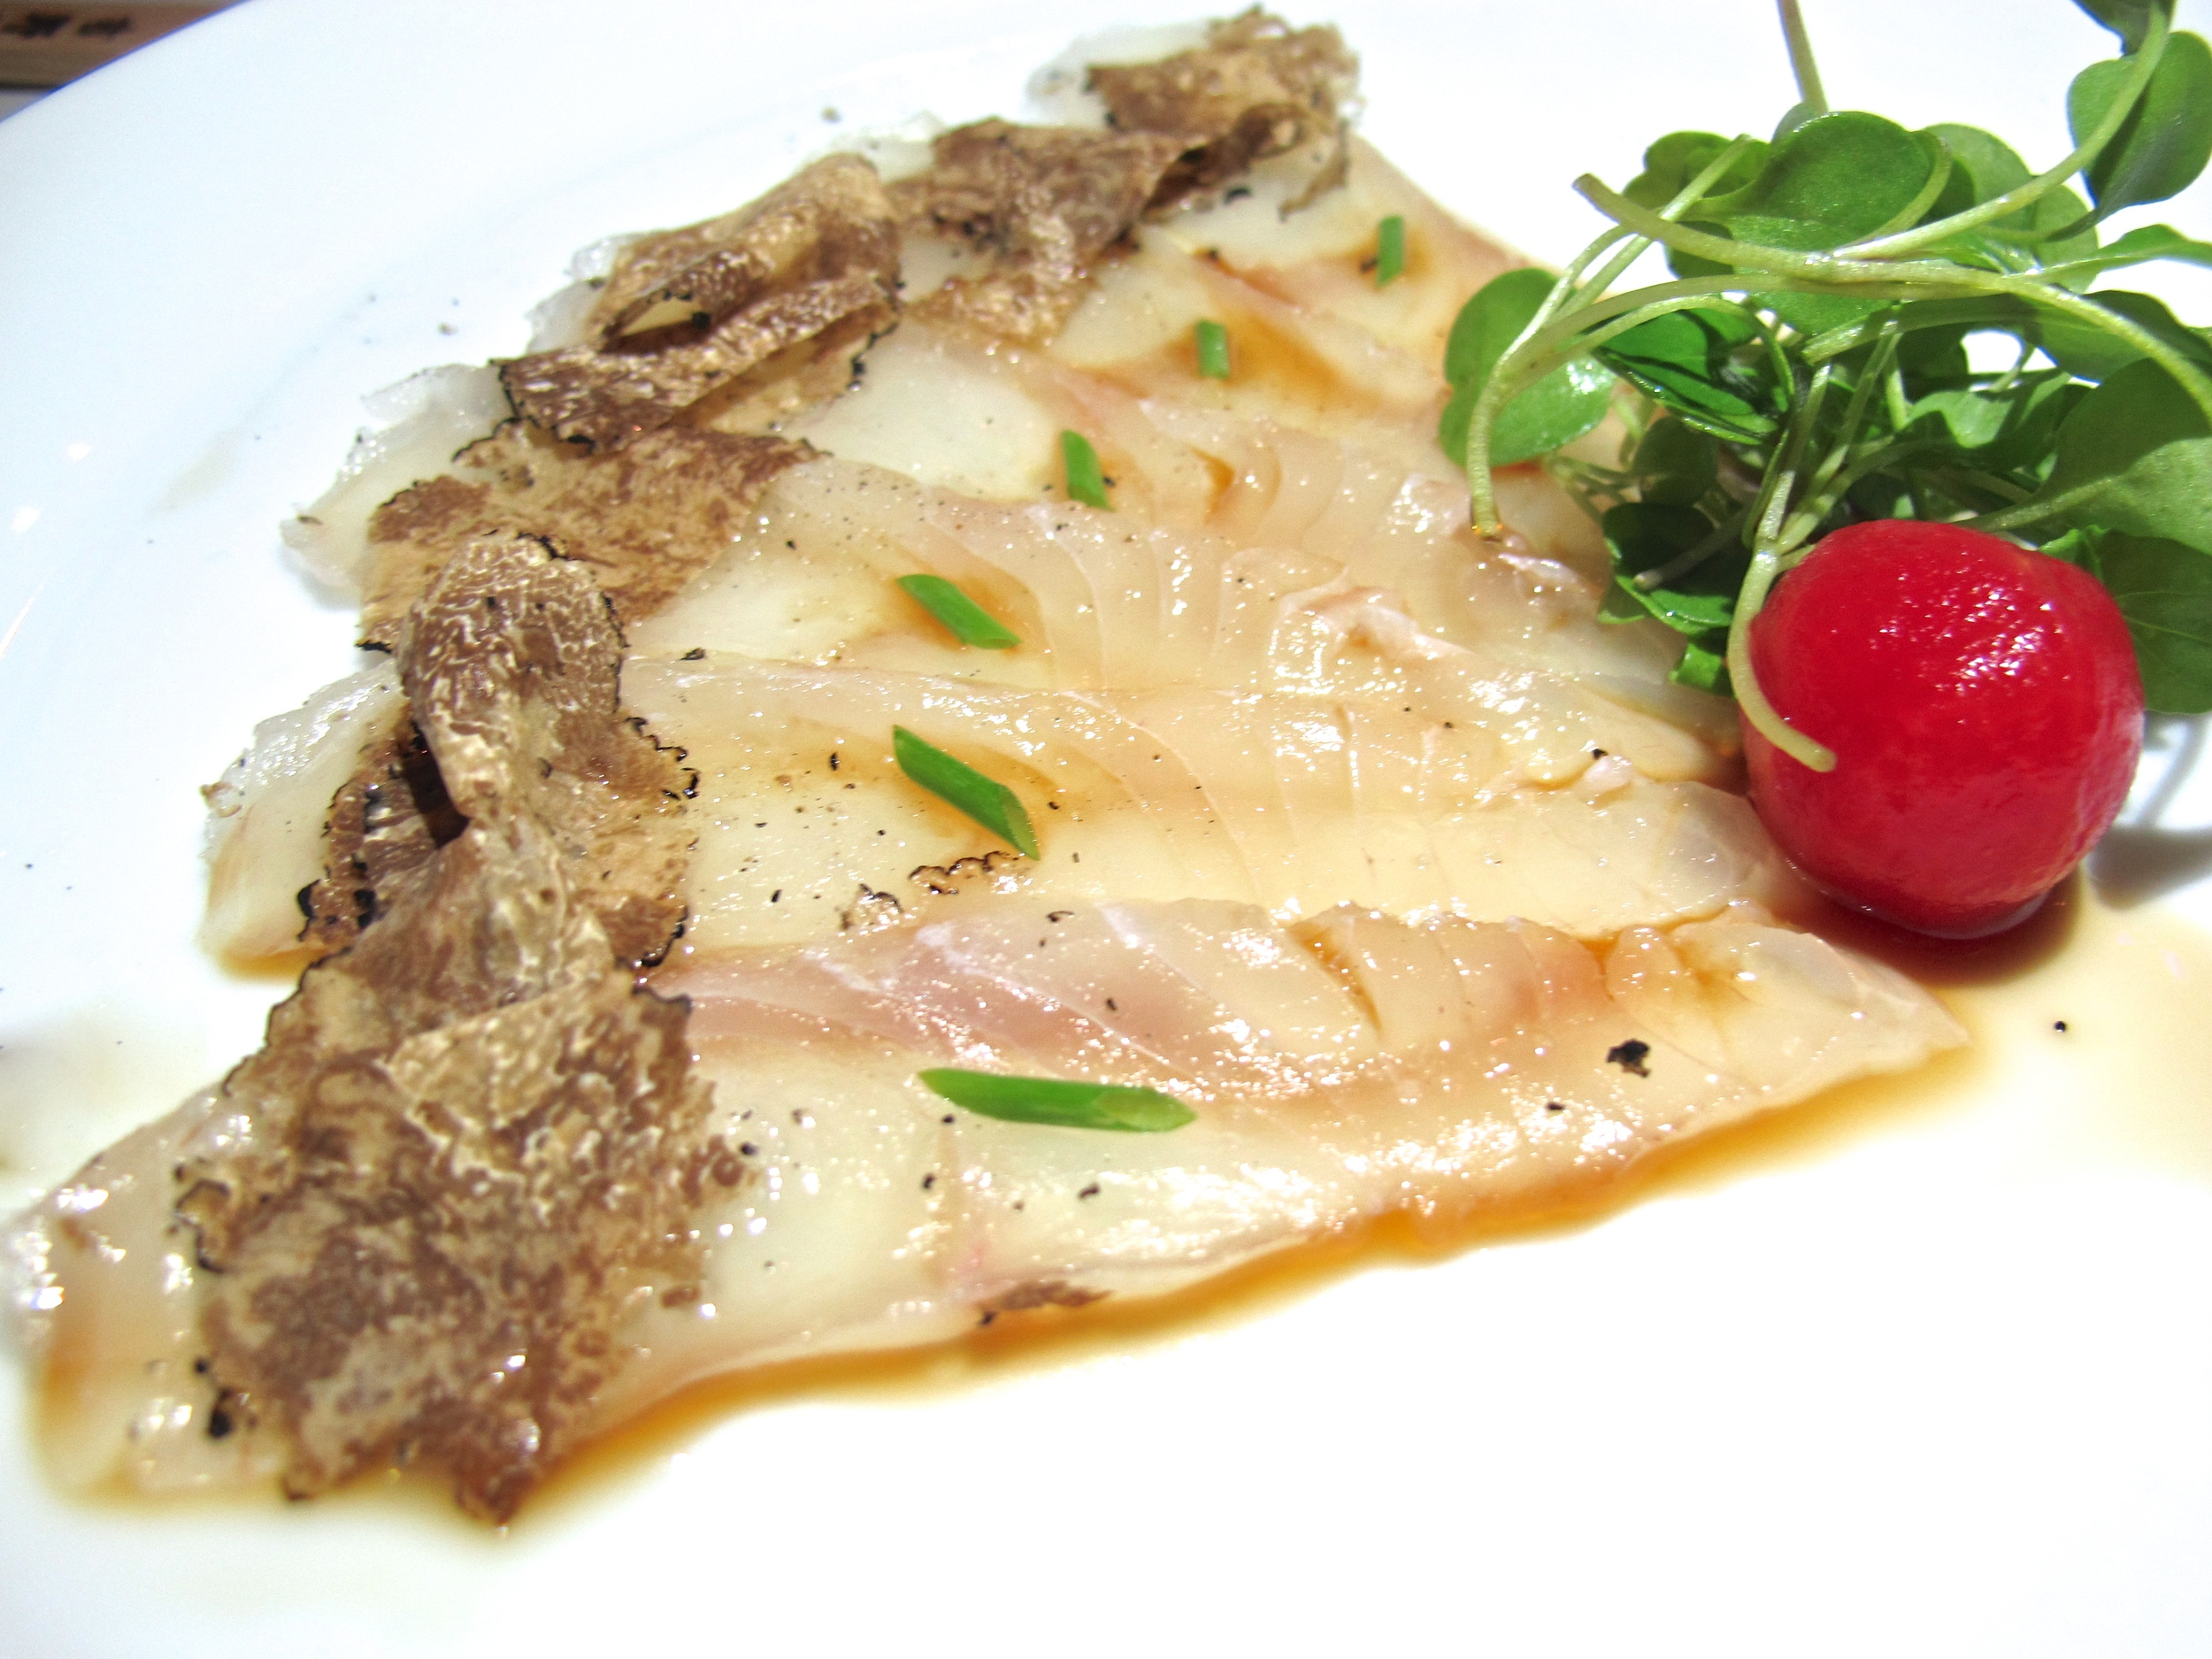 Shiki halibut with truffle